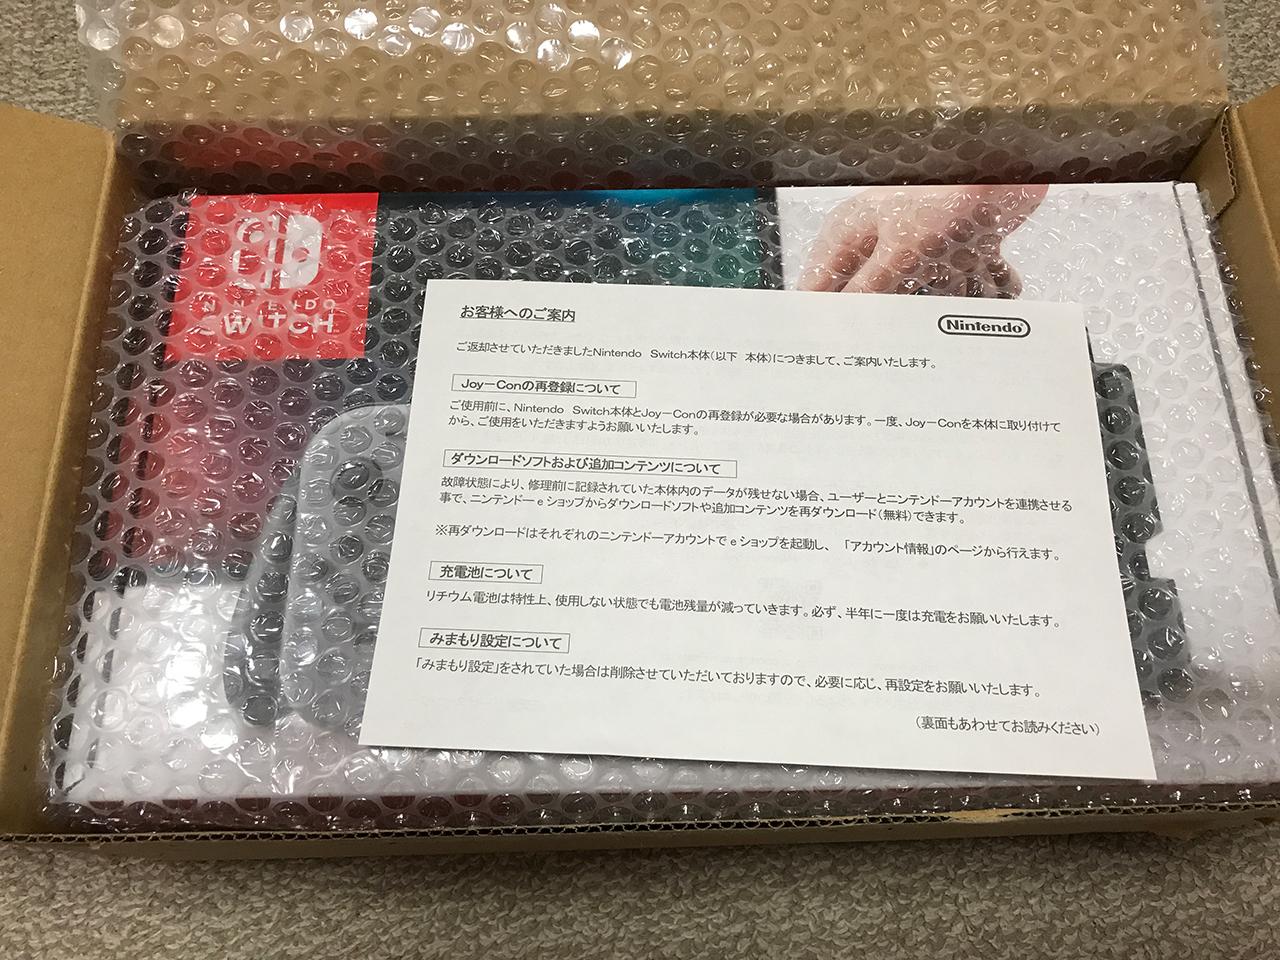 Nintendo Switchが購入3ヶ月にしてZLボタンが押せなくなったので保証修理に出してみた!オンライン修理の手続きの流れとその感想